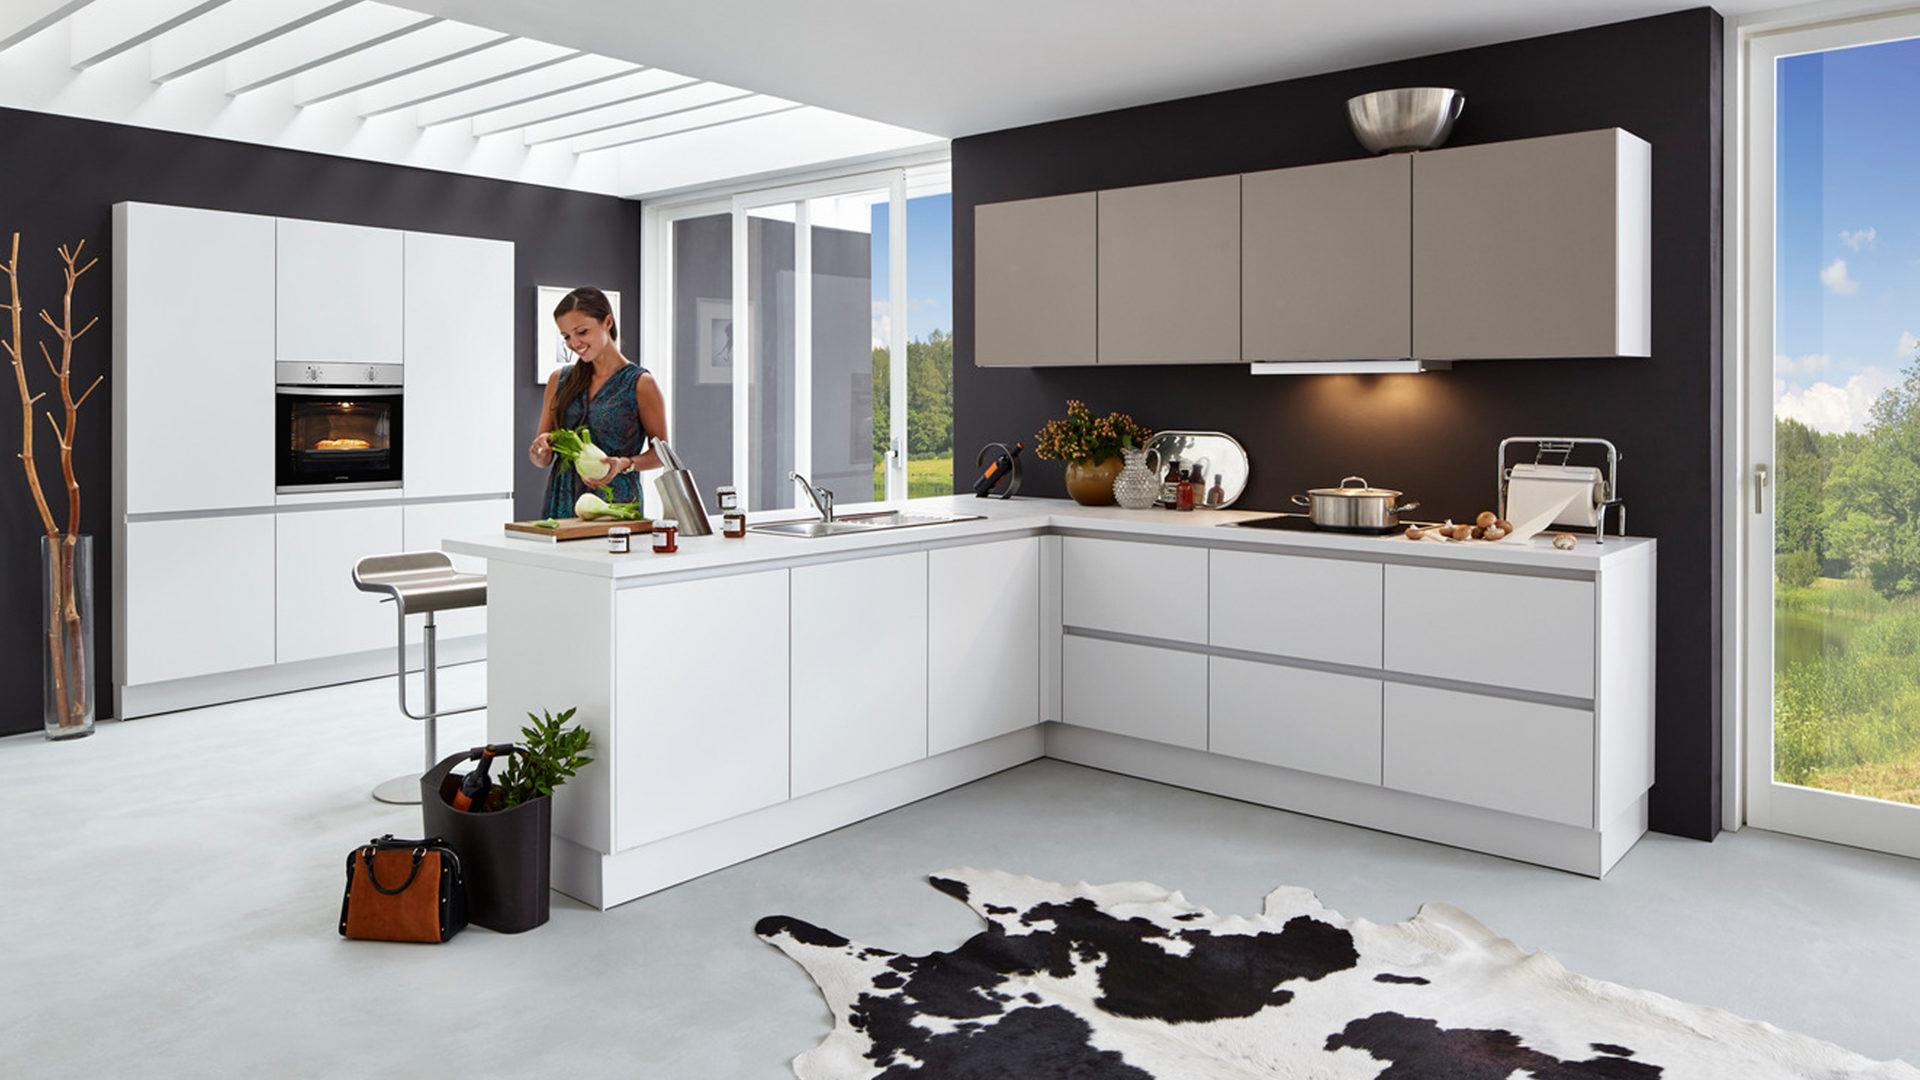 Möbel Bohn Crailsheim, Möbel A-Z, Küchen, Einbauküche, Einbauküche ...